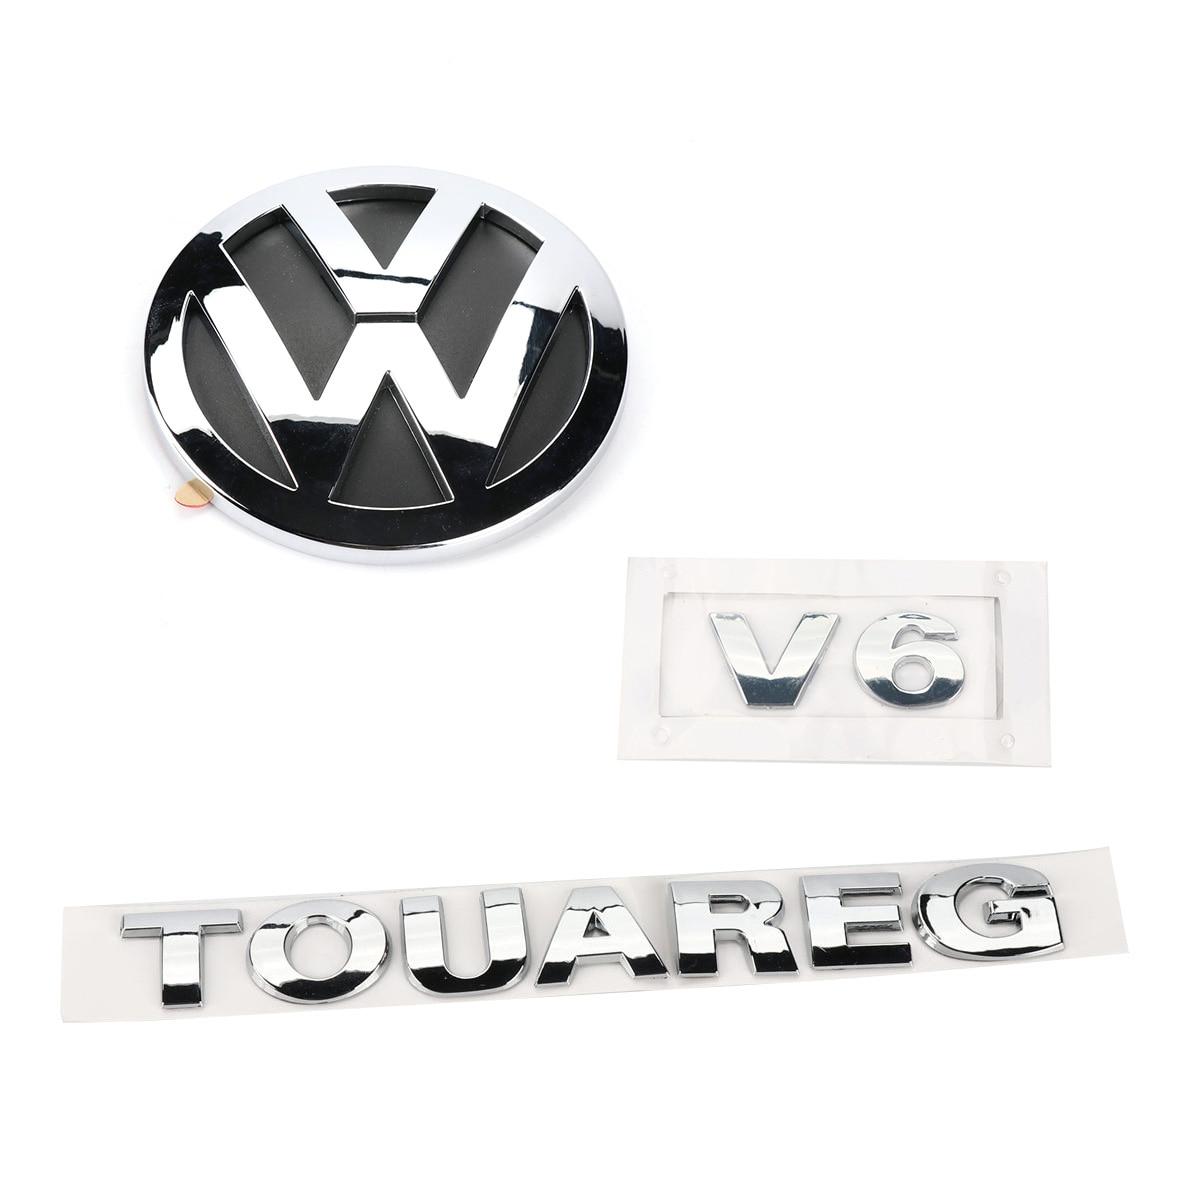 Nouveau Arrière Badge Boot Chrome Emblème V6 TOUAREG 3 pcs pour VW Sharan 2011-2016 Touareg 2011-2014 7P6 853 630 Un